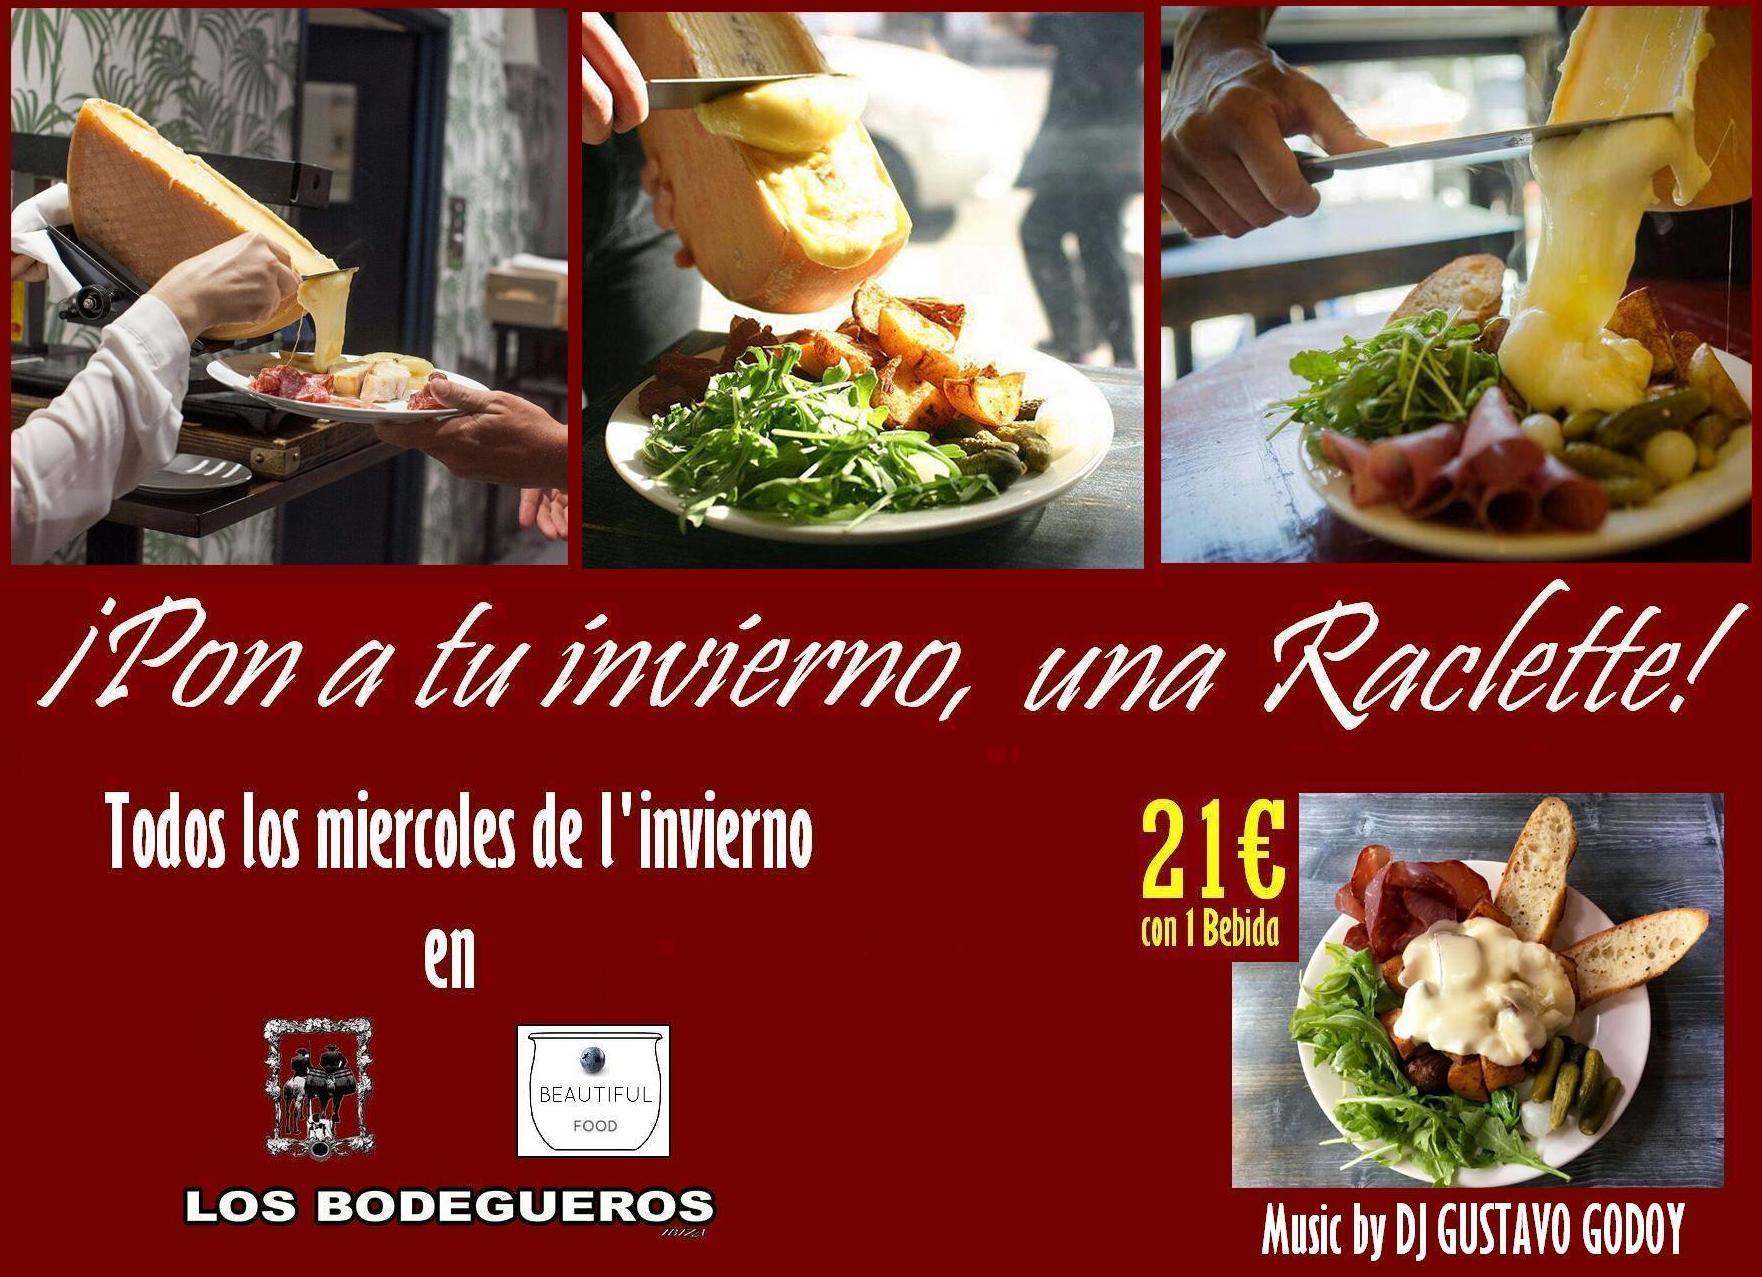 ¡Pon a tu invierno una Raclette !